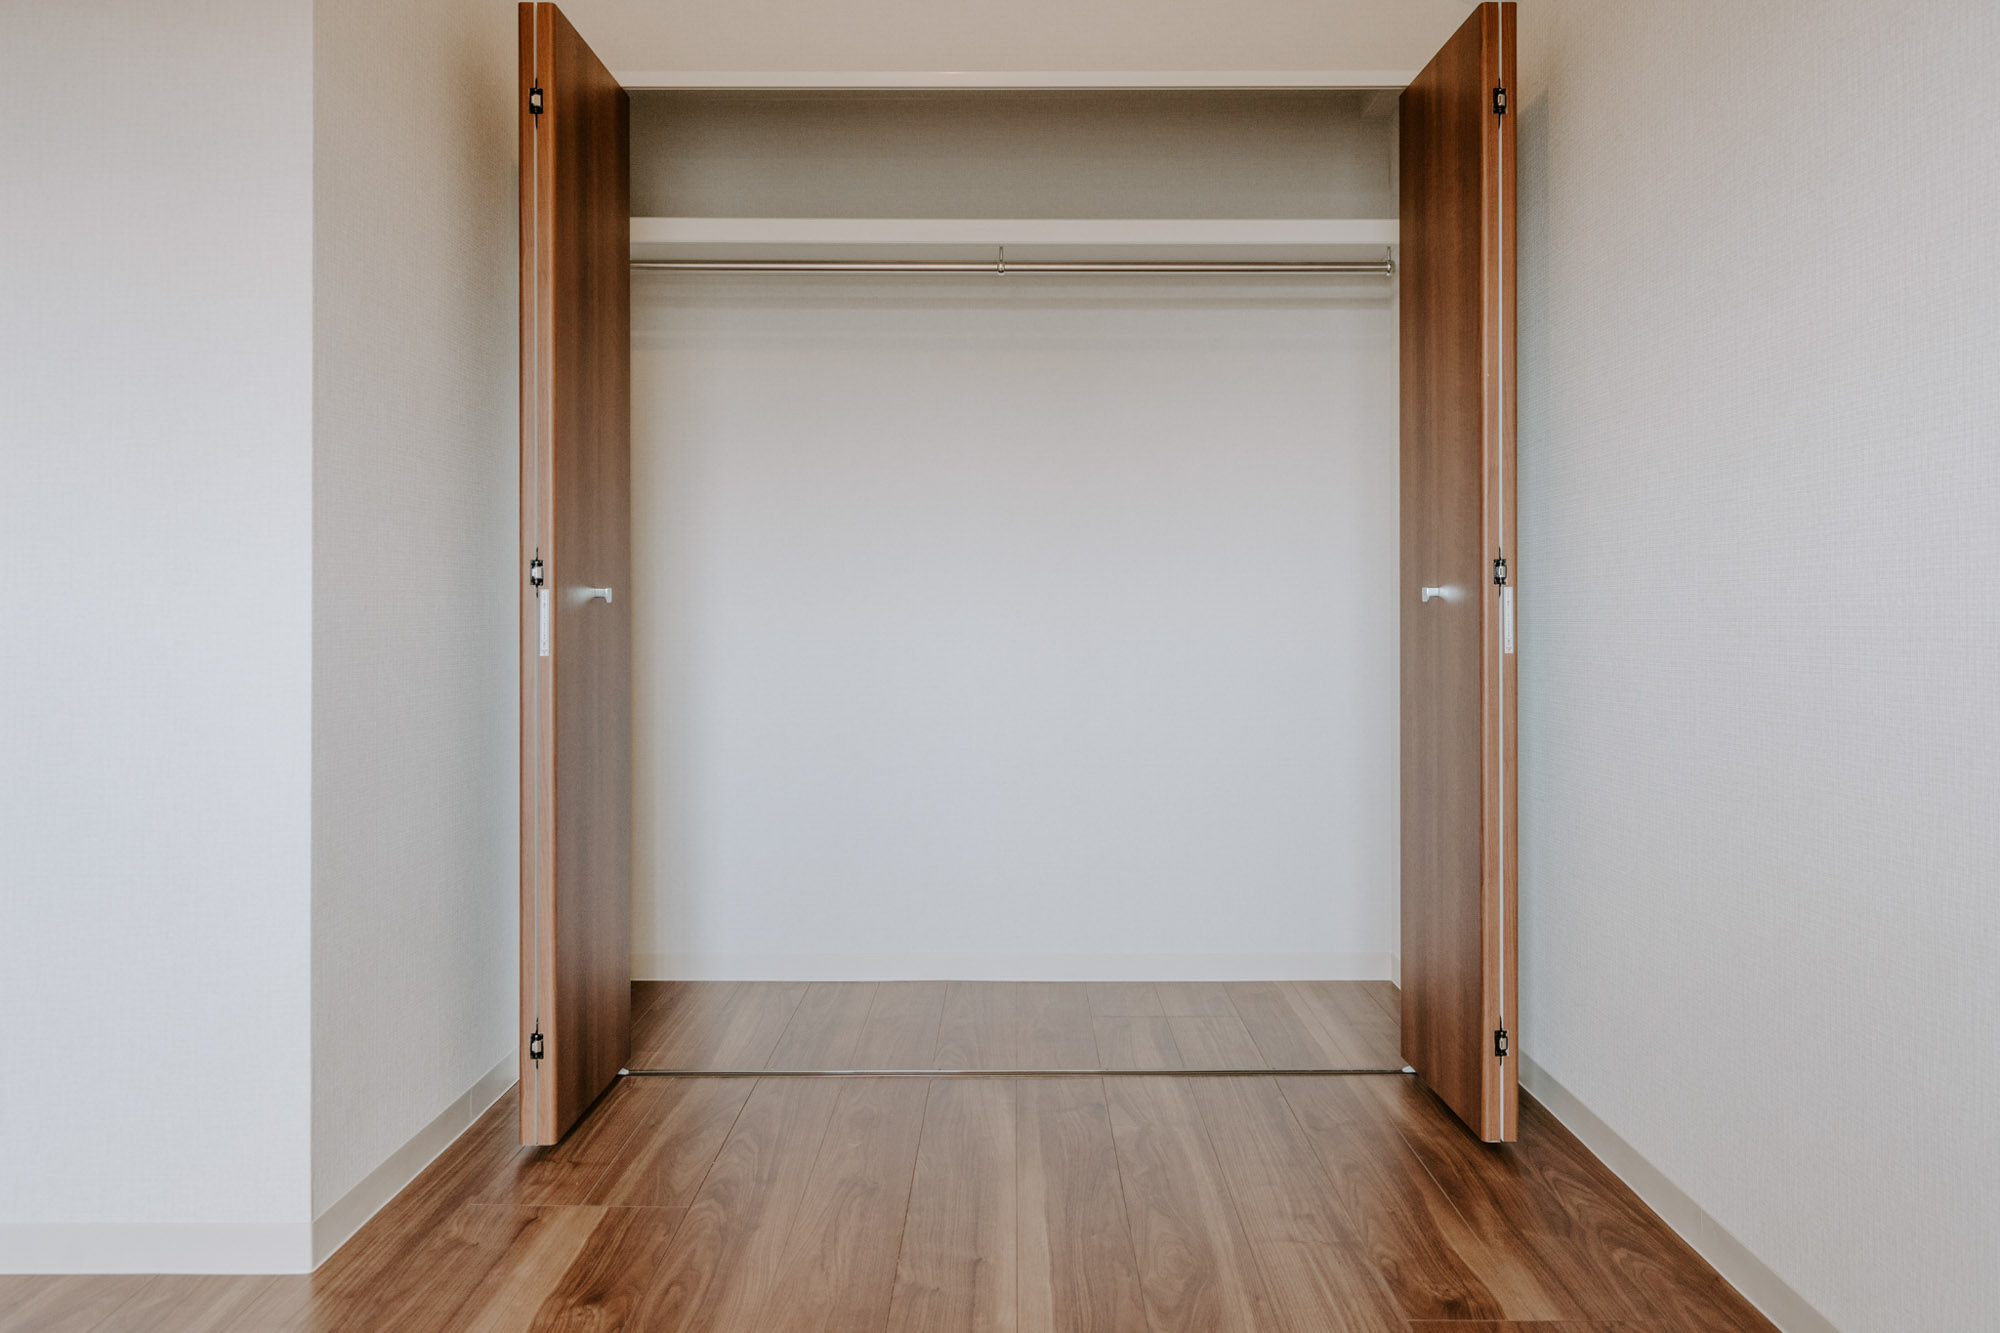 こちらのお部屋も、収納が大きめ。寝室にするなら、こちらのお部屋がいいかな。